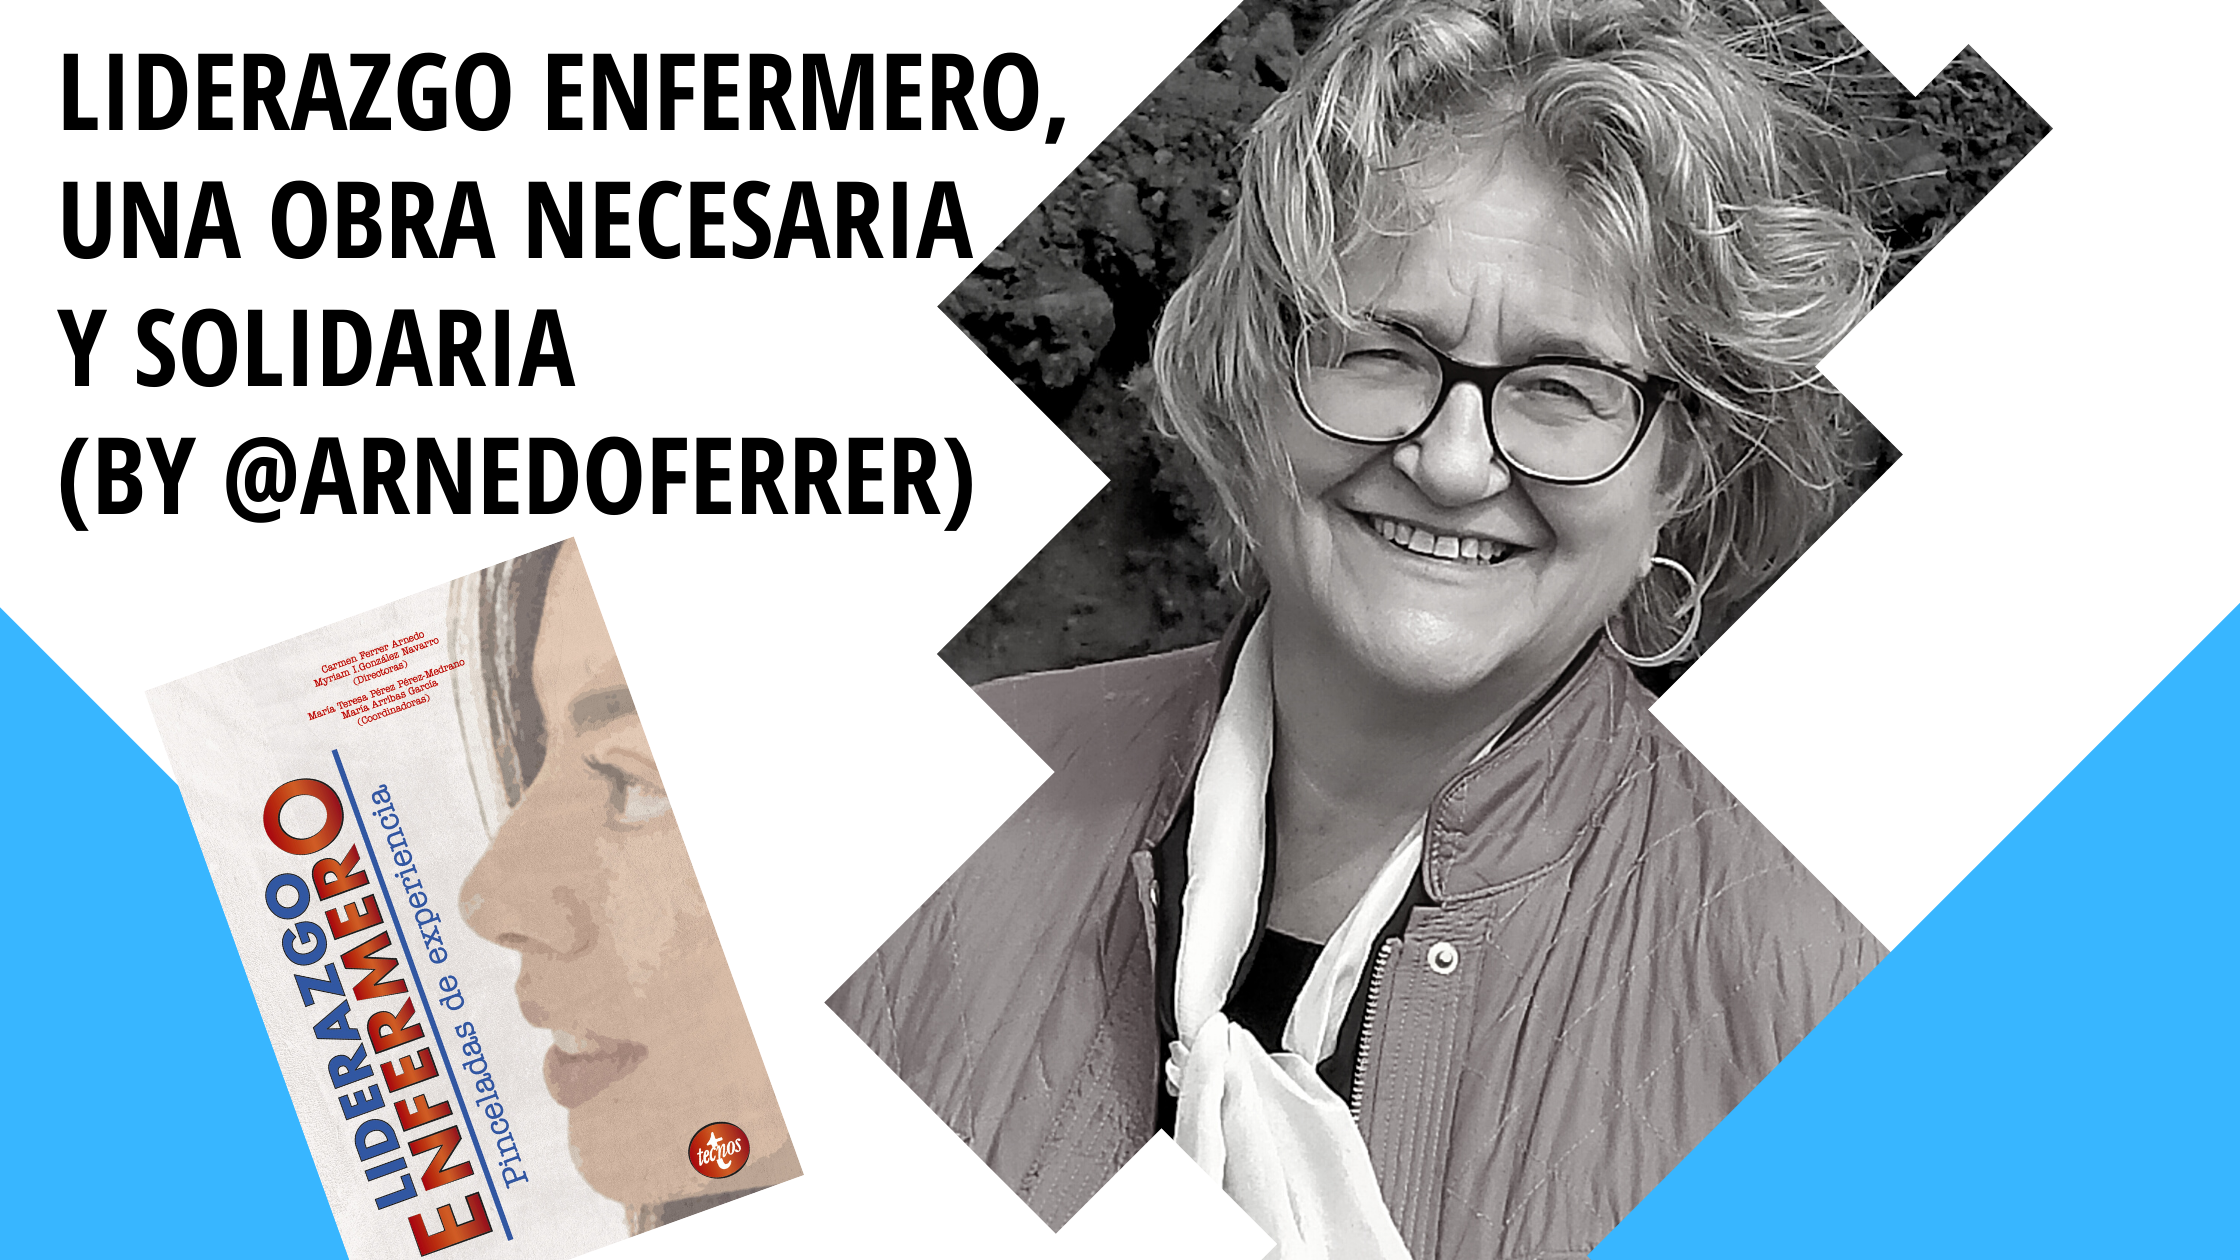 Liderazgo enfermero, una obra necesaria y solidaria ( by @ArnedoFerrer)